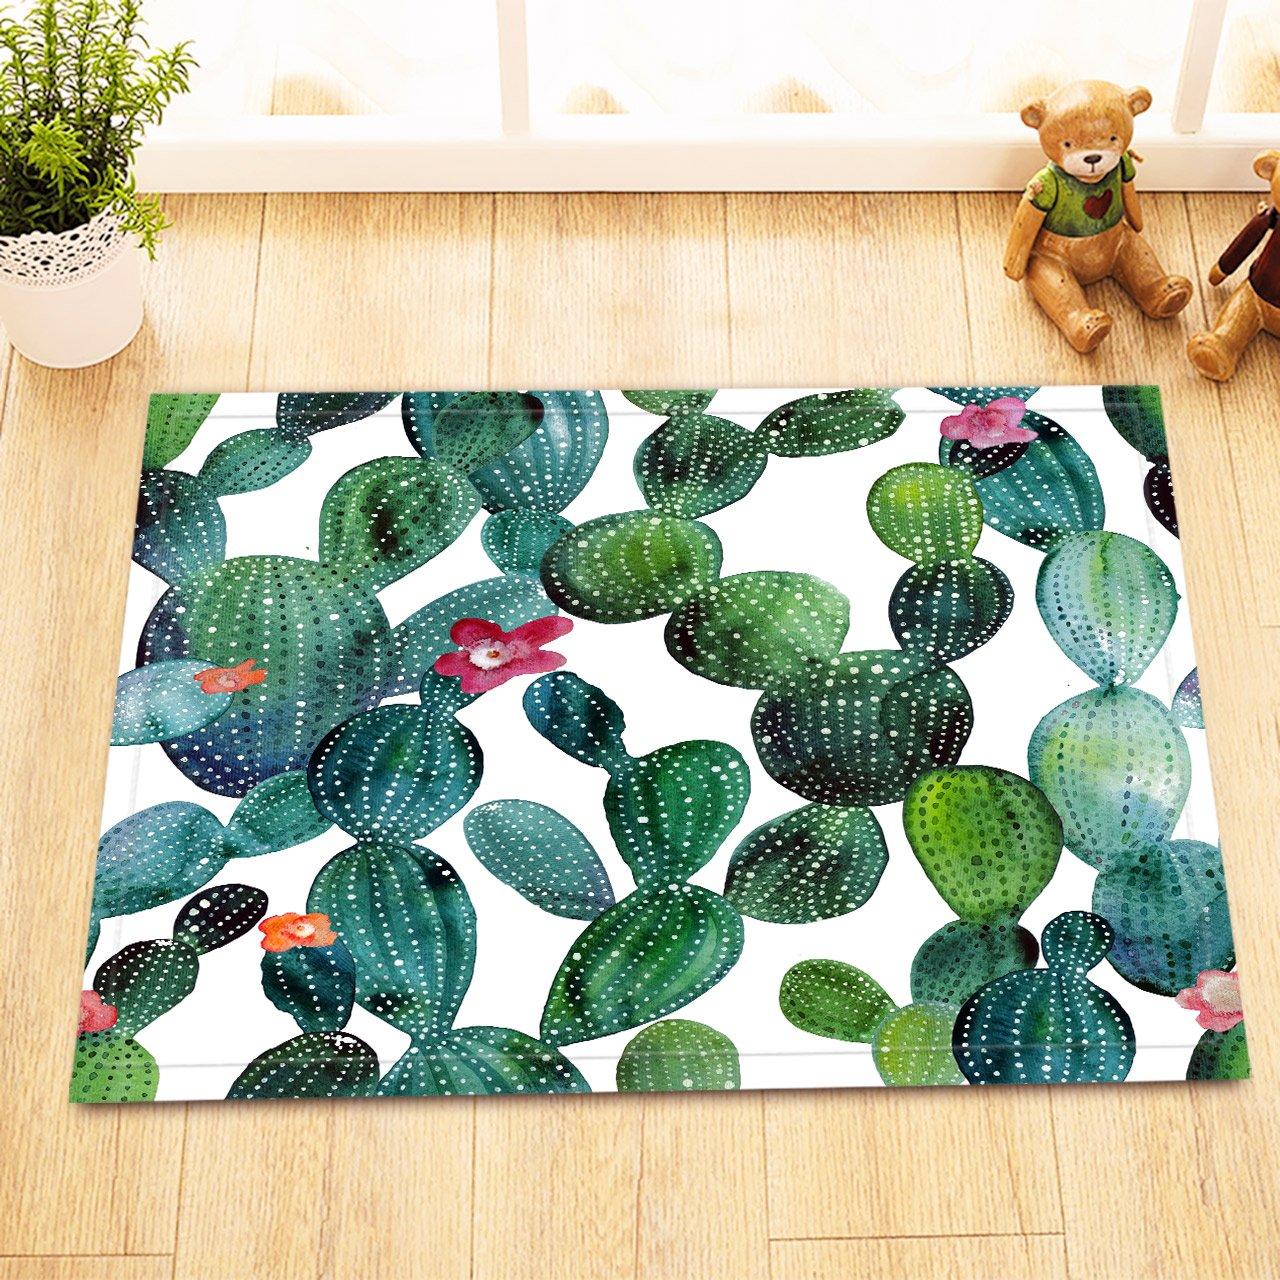 Pianta del deserto, fiore, cactus_arredamento Tappetino da bagno antiscivolo Anti muffa lavabile soffice doccia tappeto, 40X60 CM JinShiZhuan